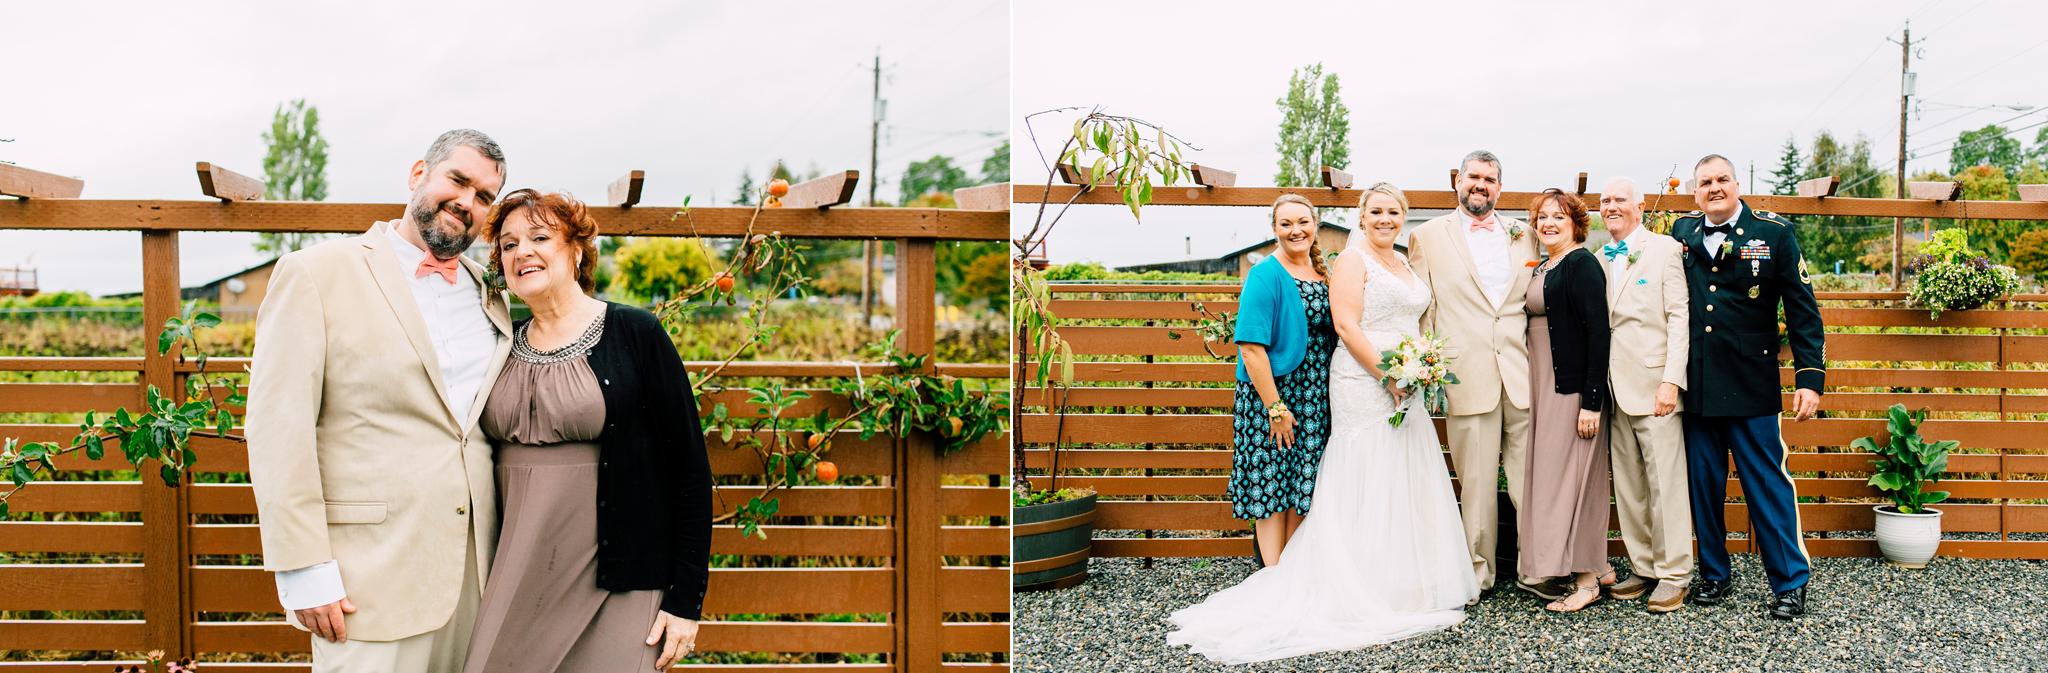 049-bellingham-wedding-photographer-beach-katheryn-moran-elisa-phillip.jpg